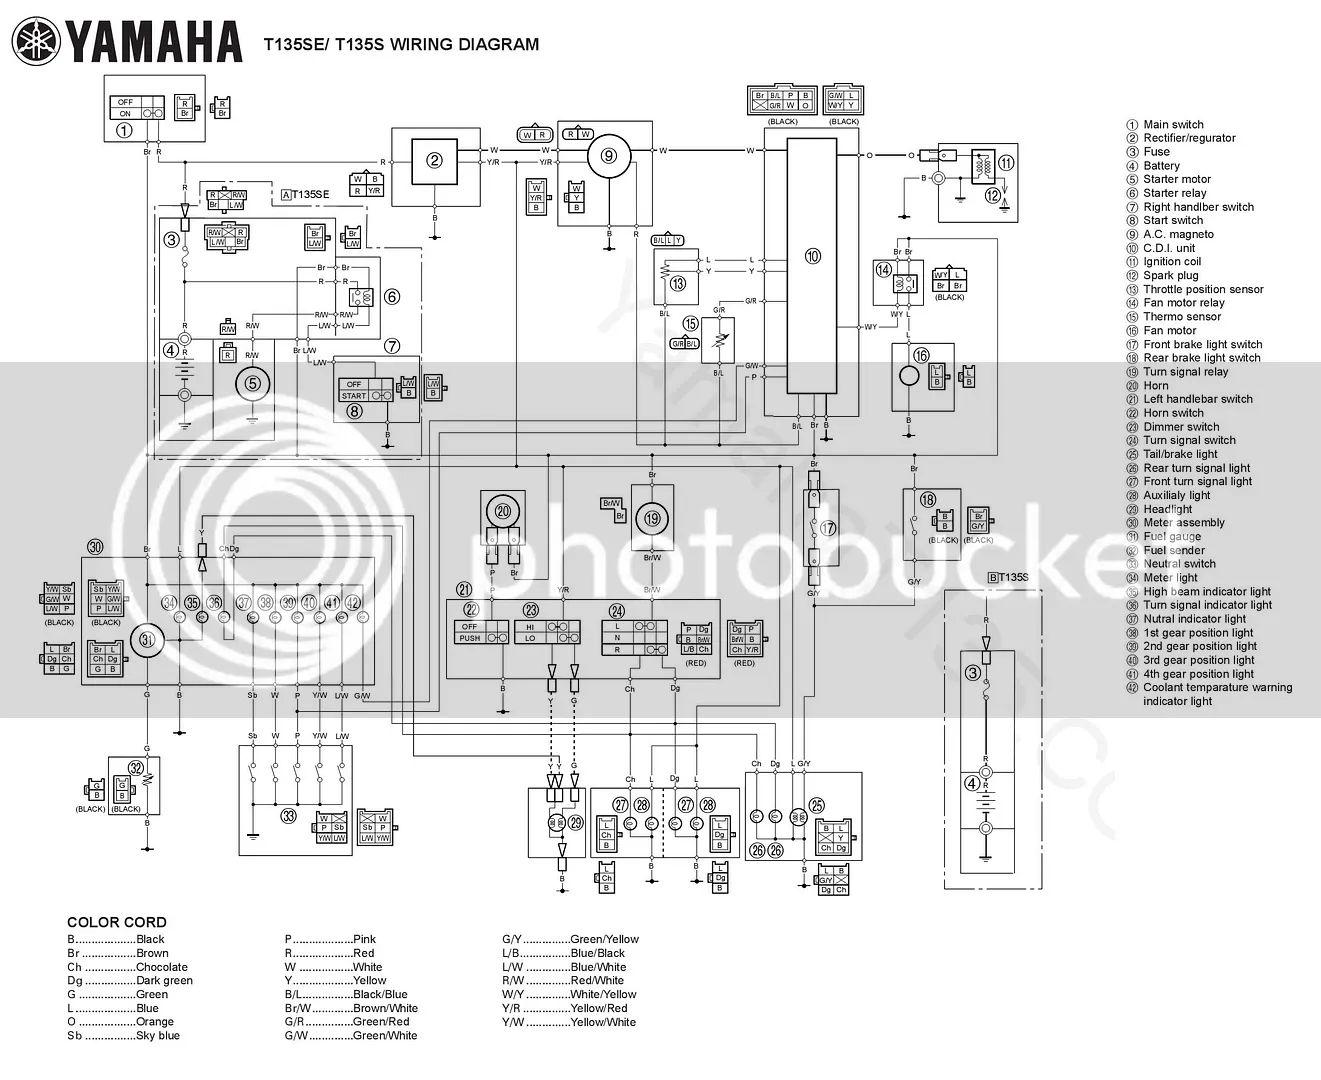 yamaha mio amore wiring diagram